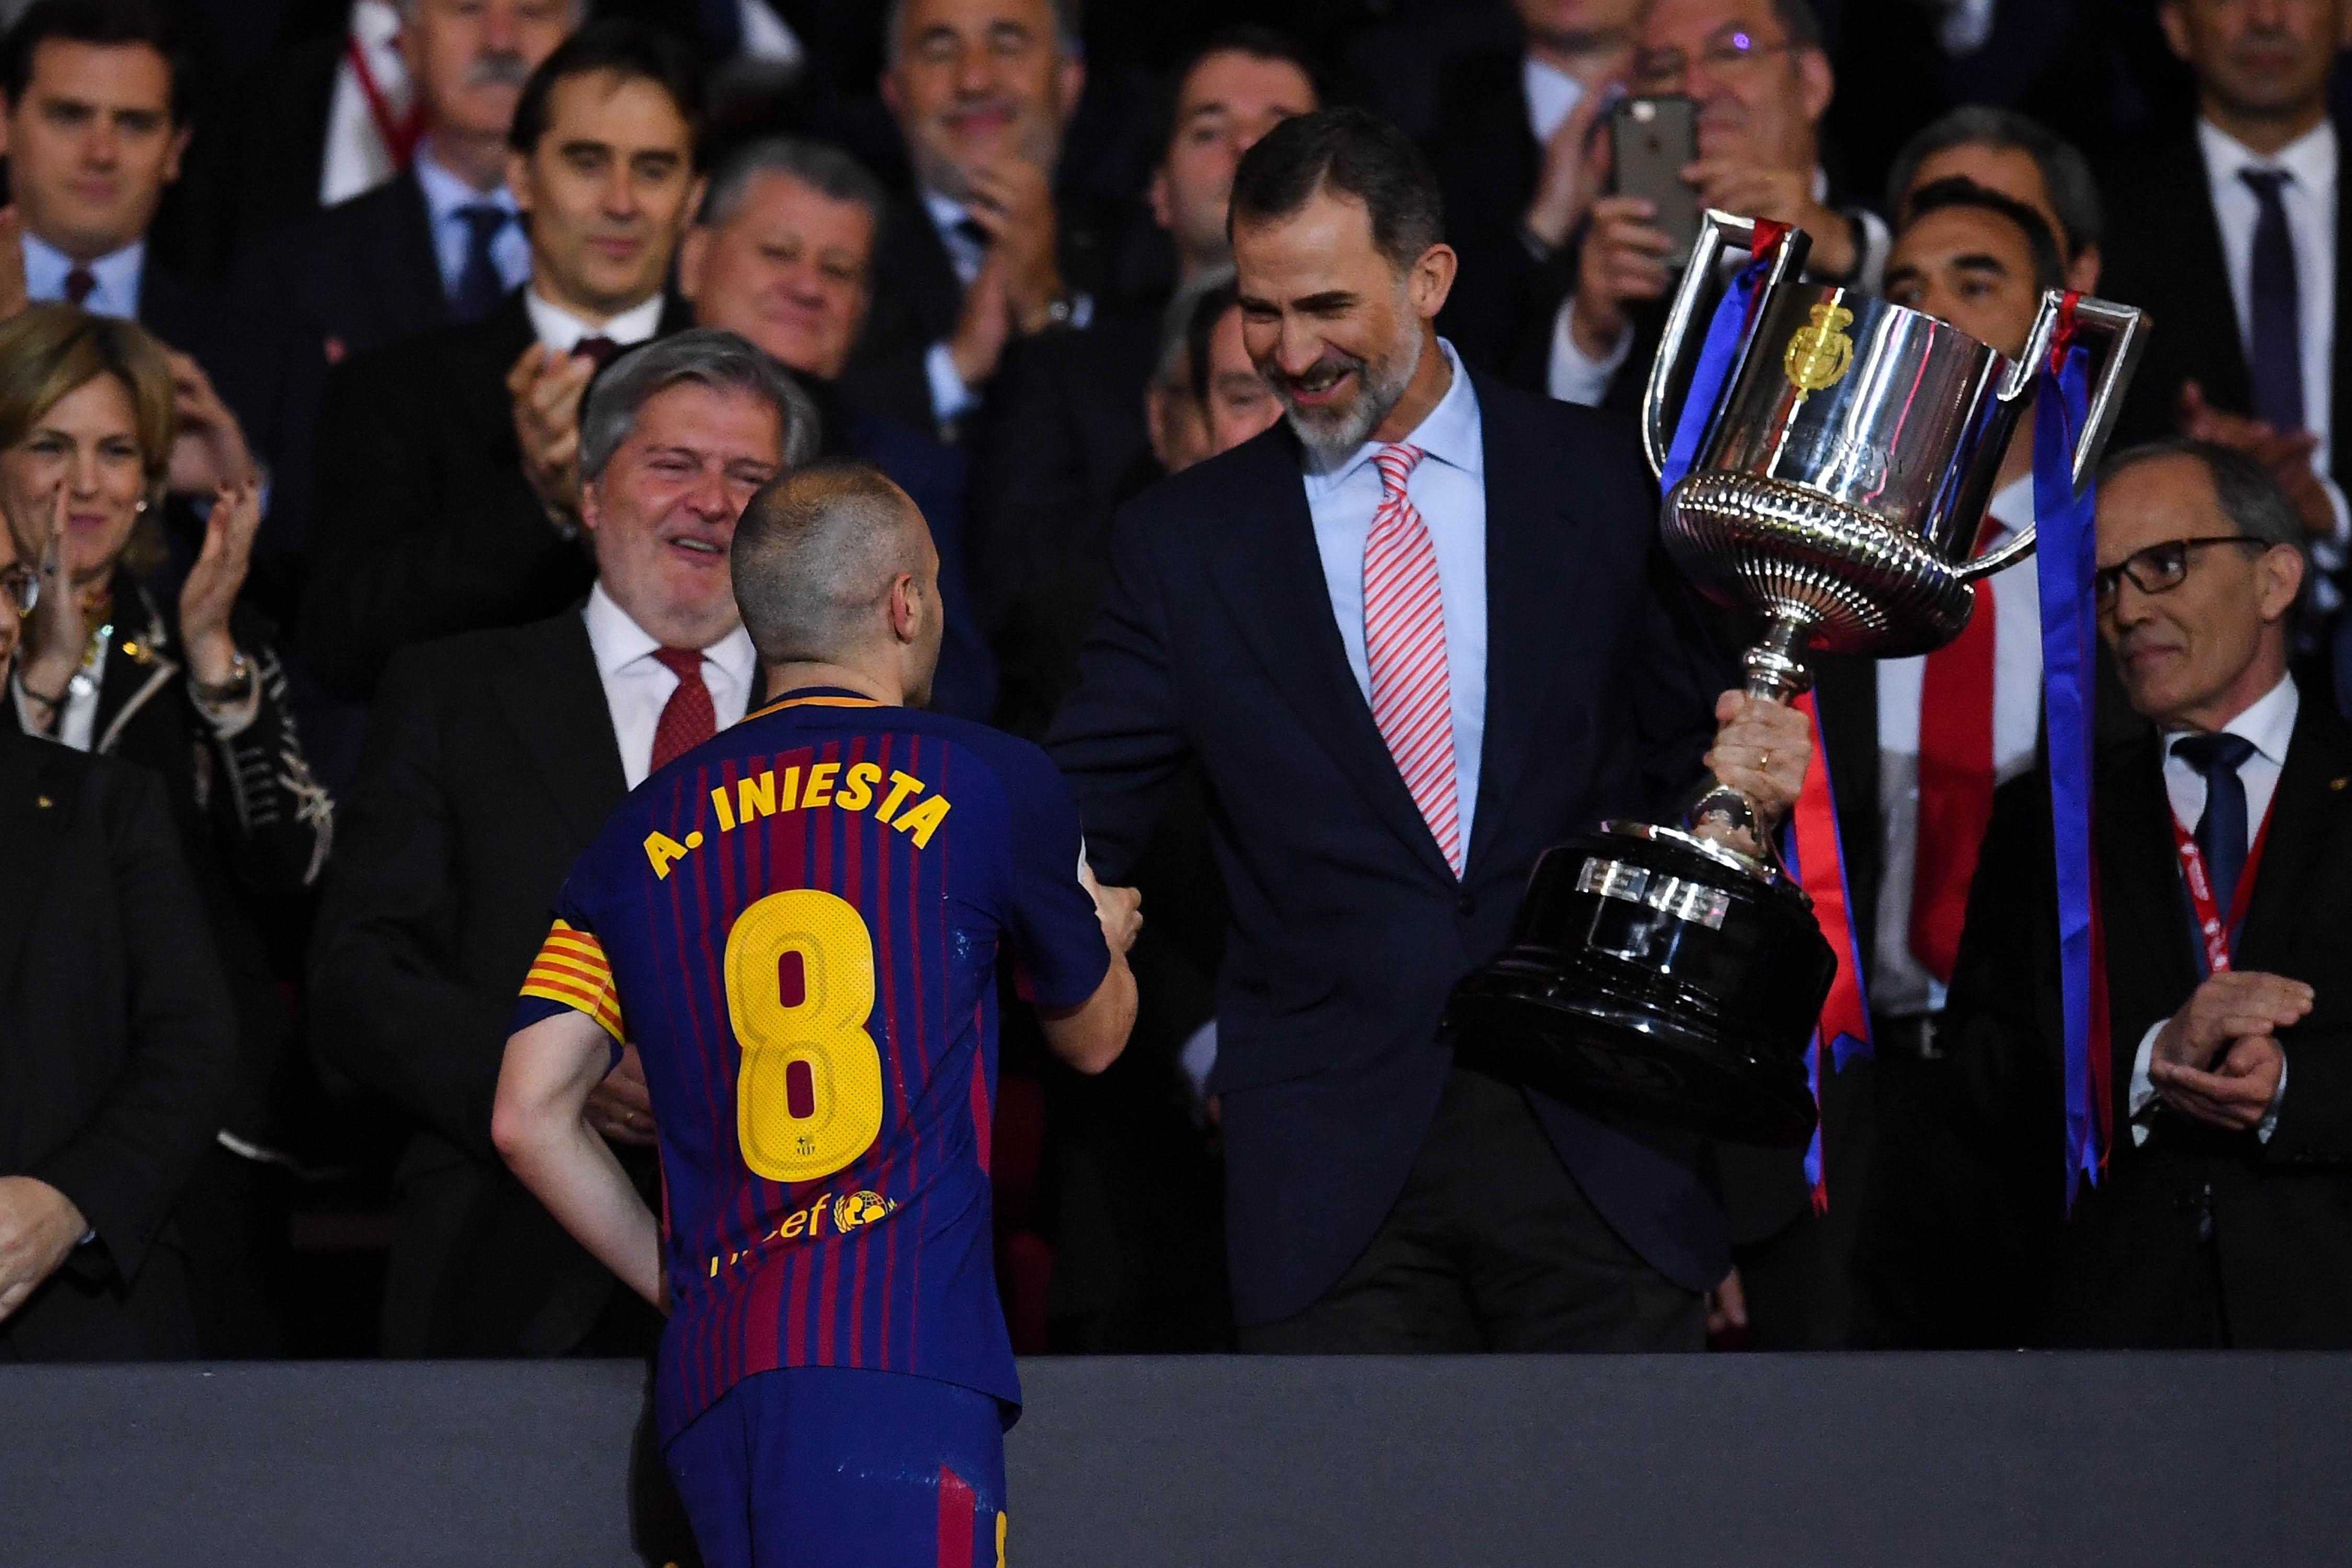 Капитанът на Барселона Андрес Иниеста разкри, че в следващите дни